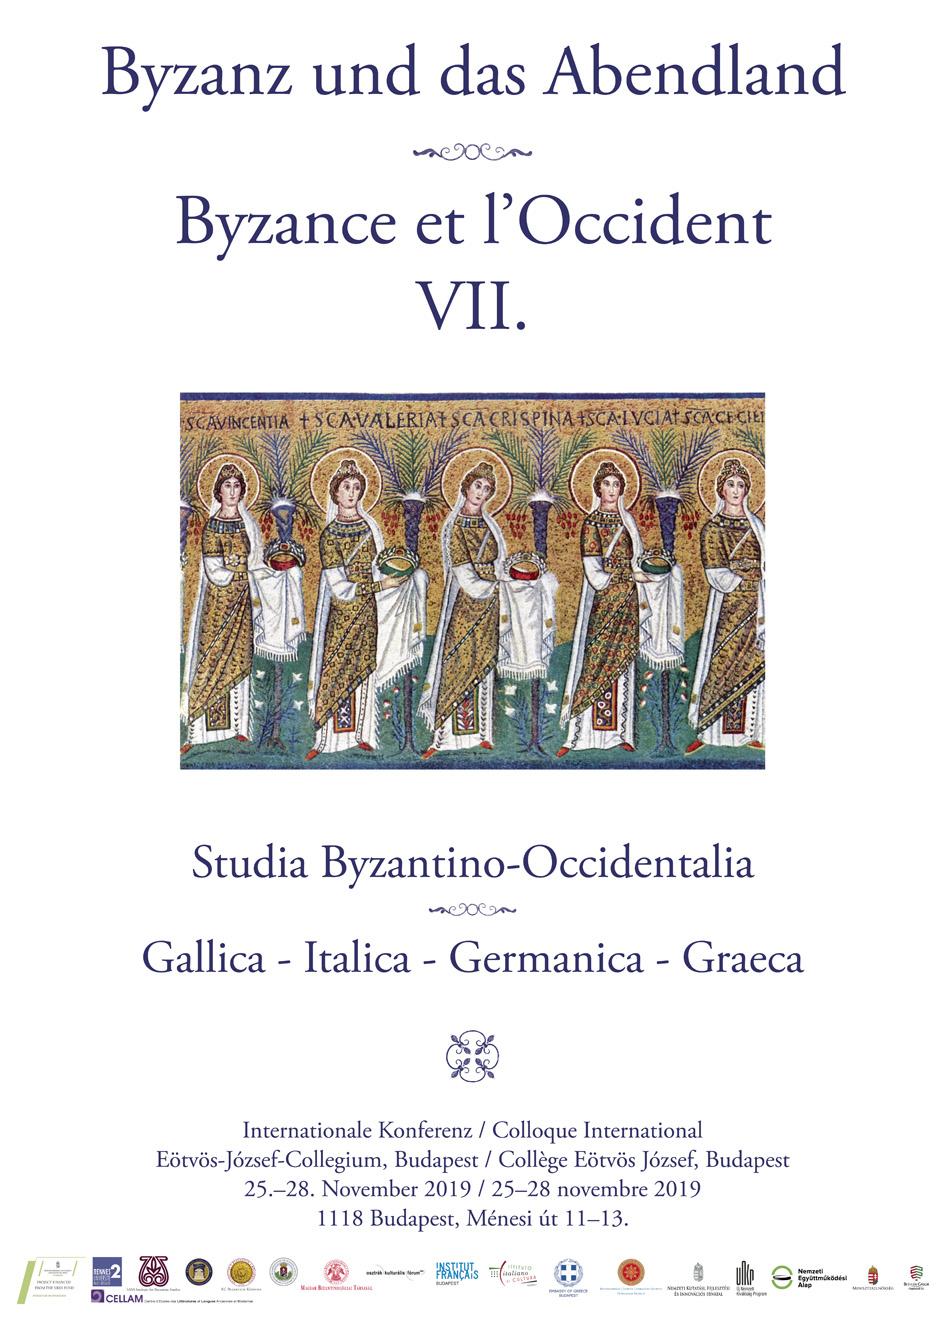 Byzance et l'Occident plakát